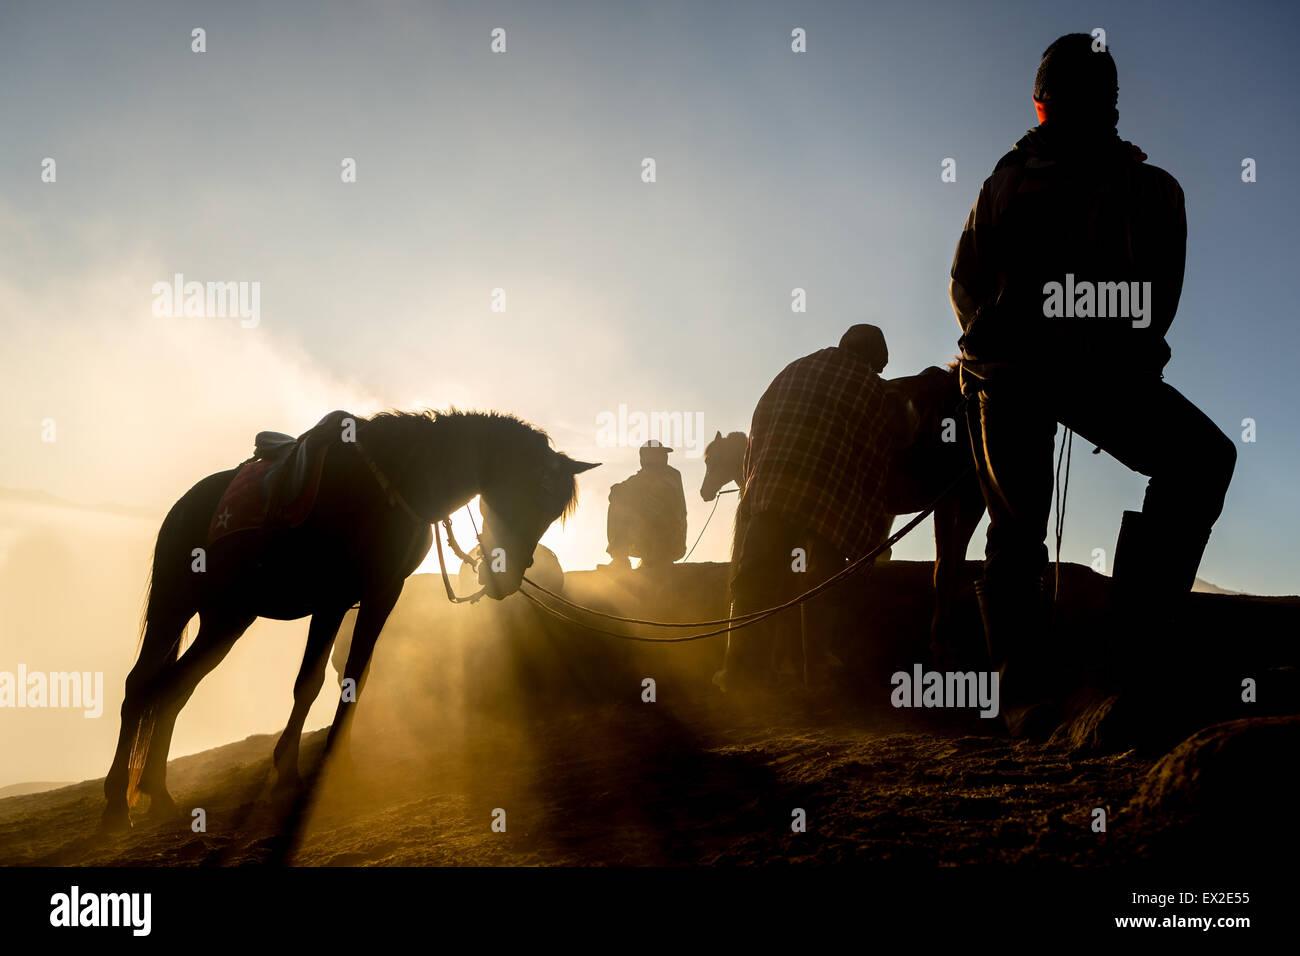 Sagome di uomini e cavalli sulla cima della collina con atmosfera di nebbia Immagini Stock